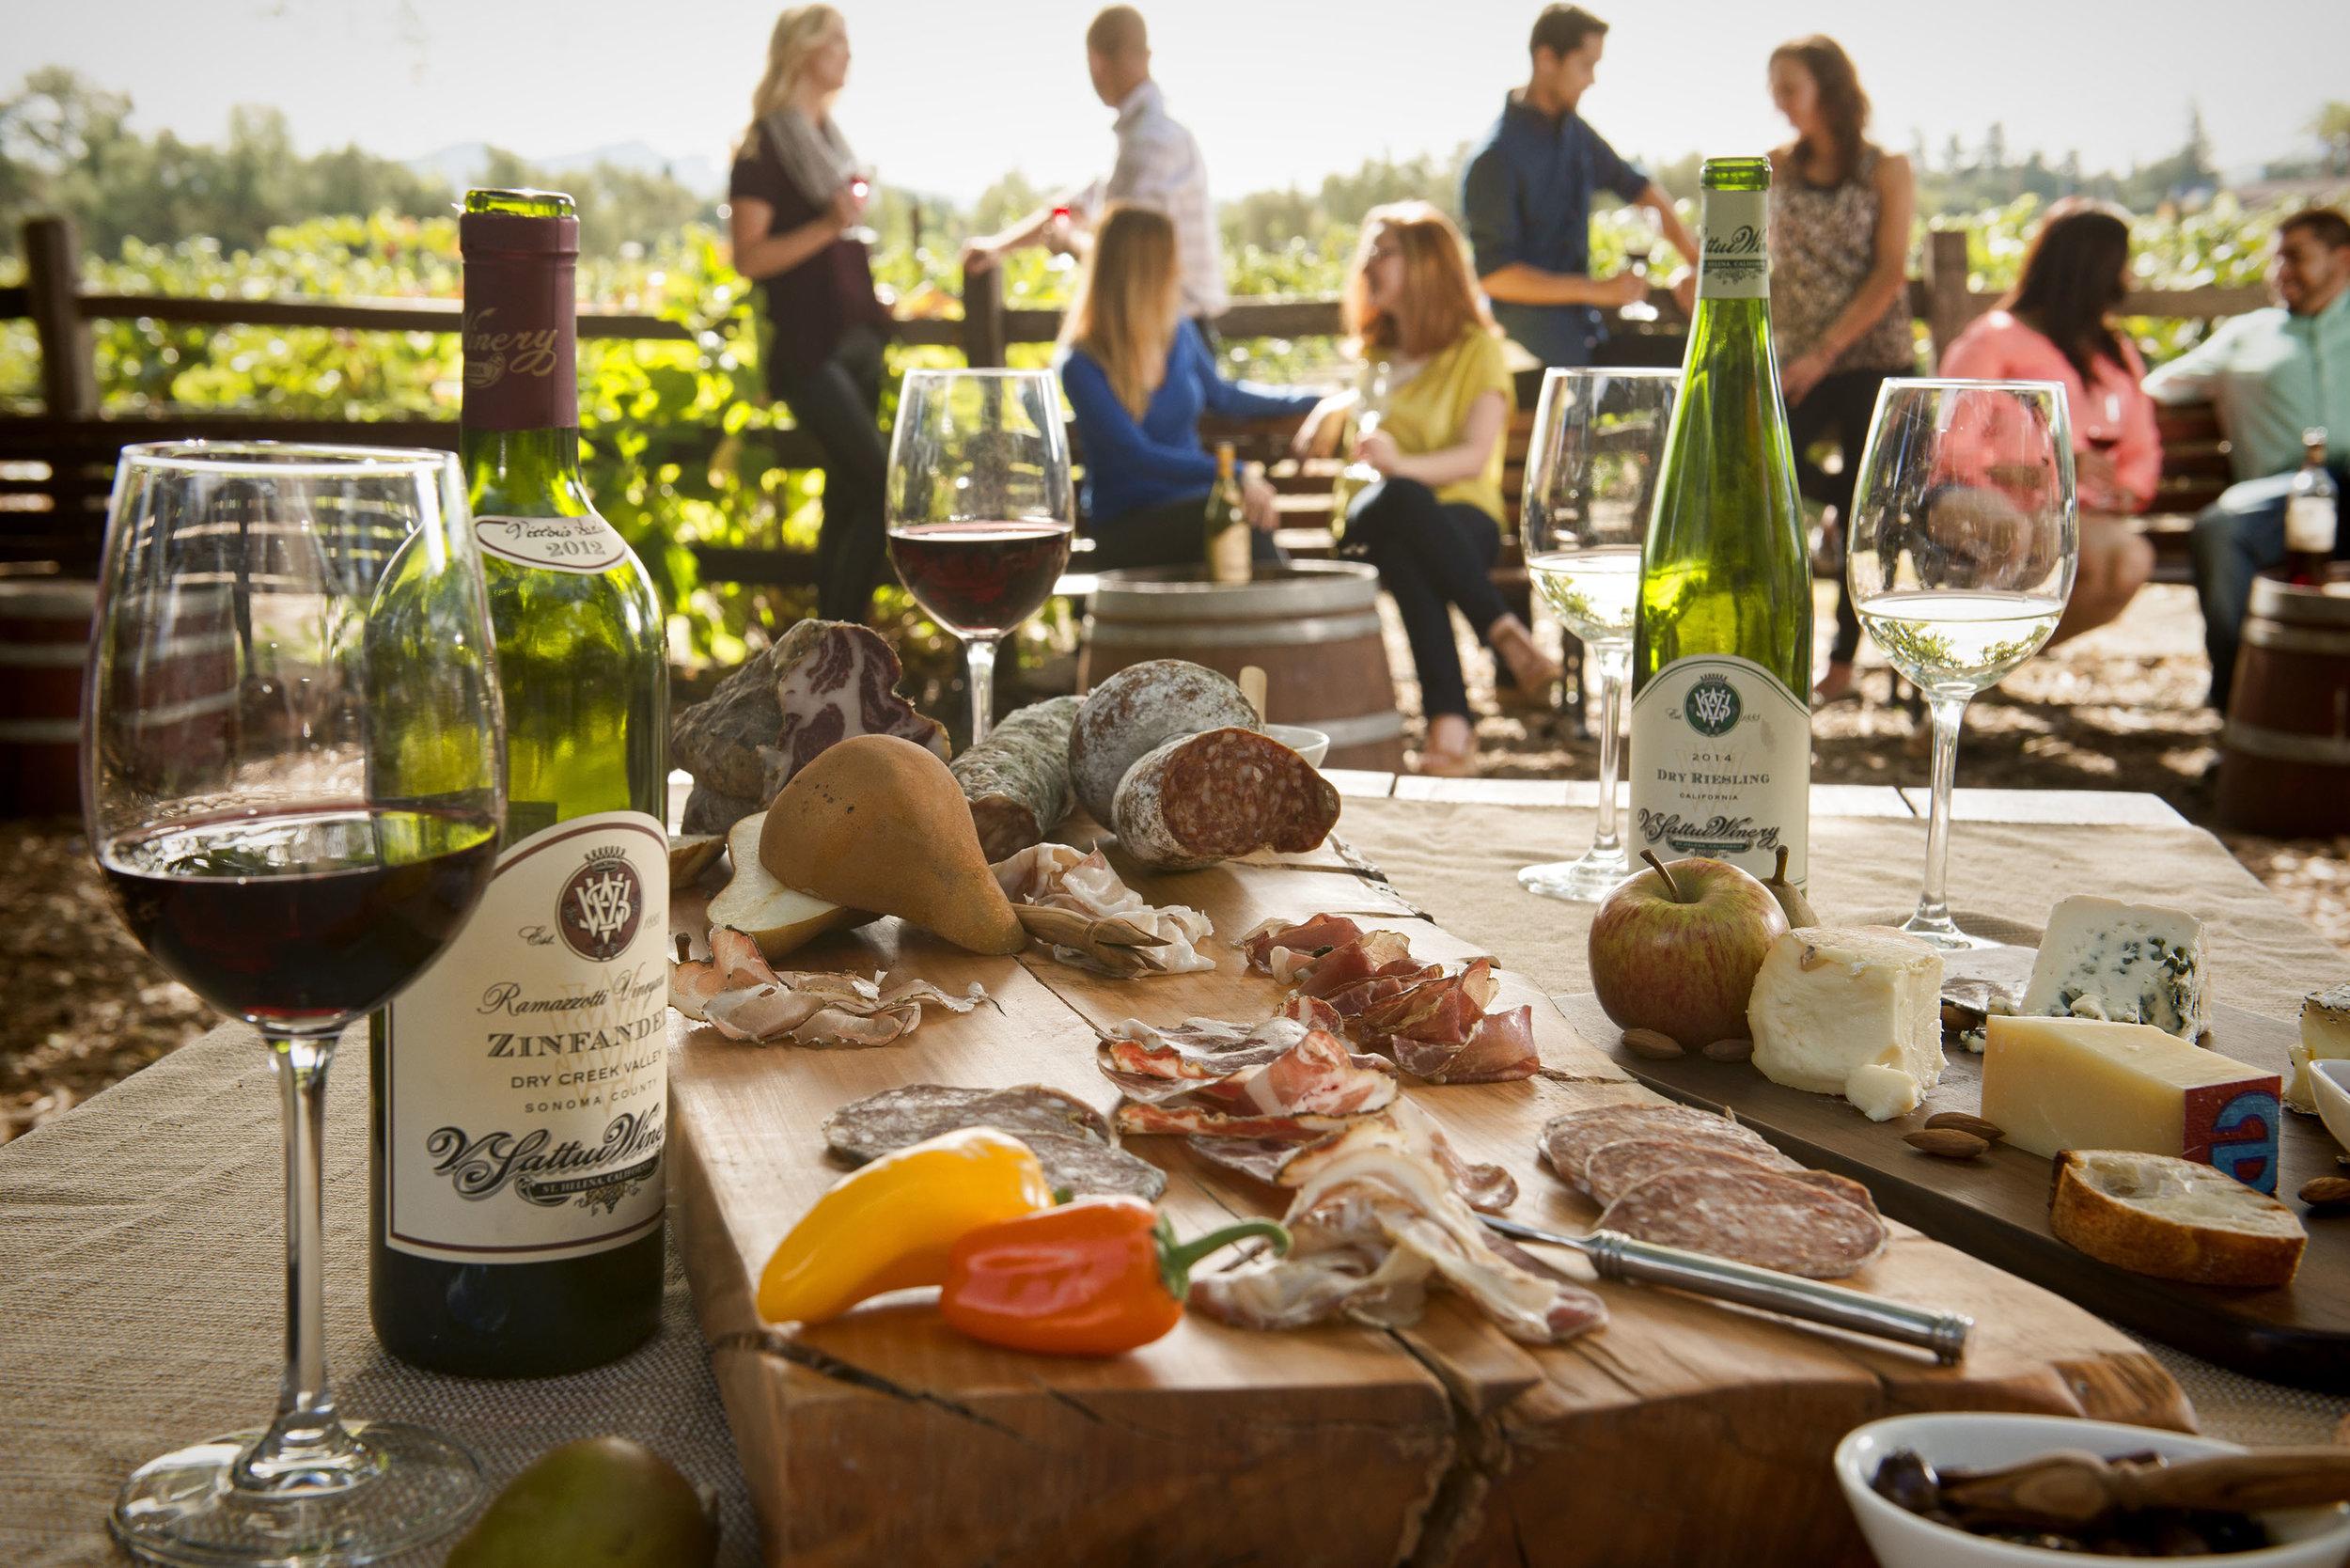 Enjoy Wine & Tasty Delights at V. Sattui